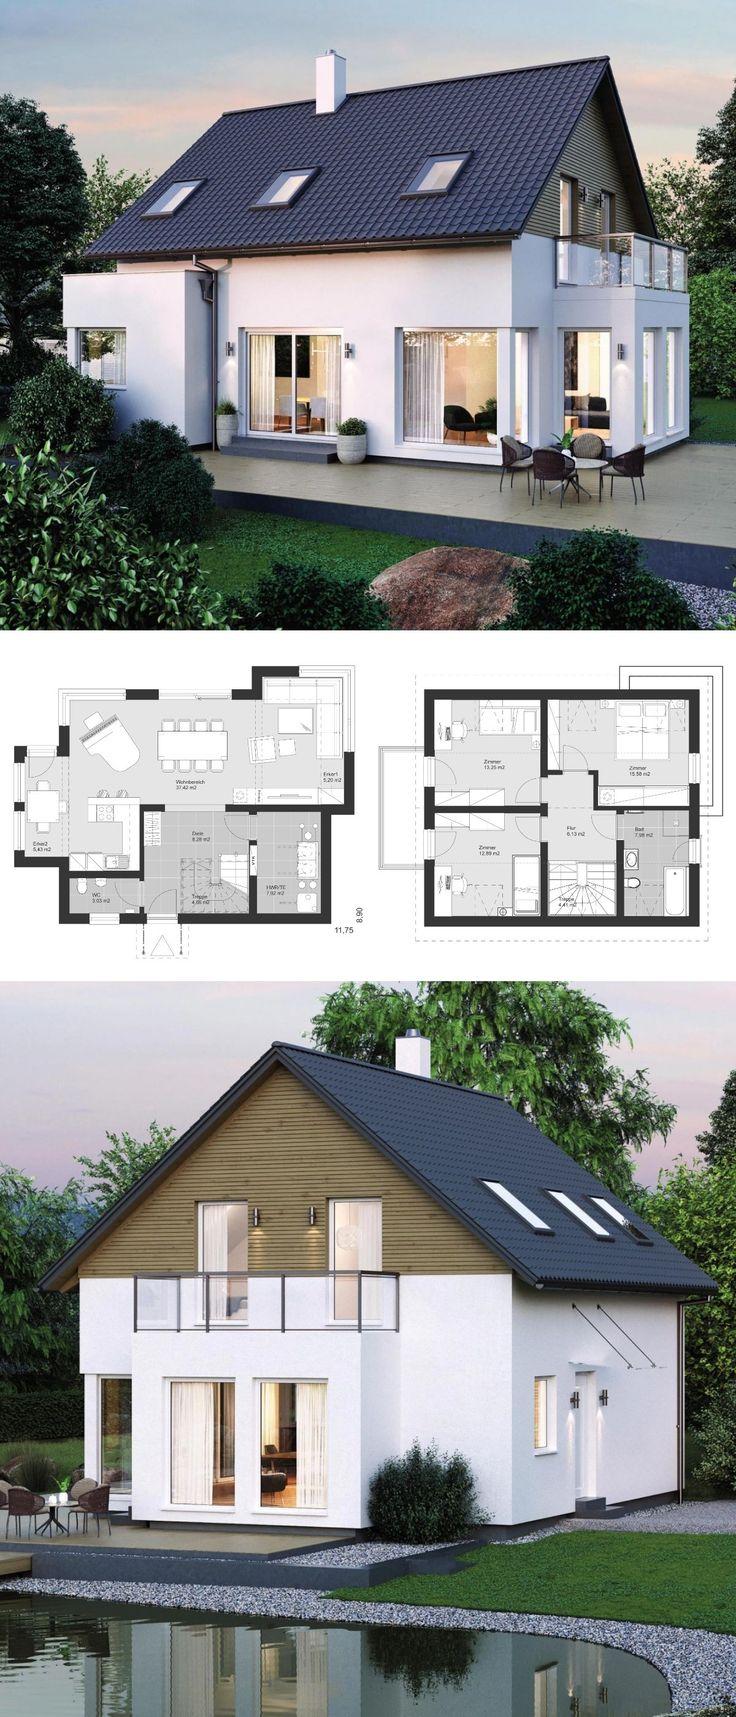 Modernes einfamilienhaus im landhausstil grundriss mit for Modernes einfamilienhaus grundriss